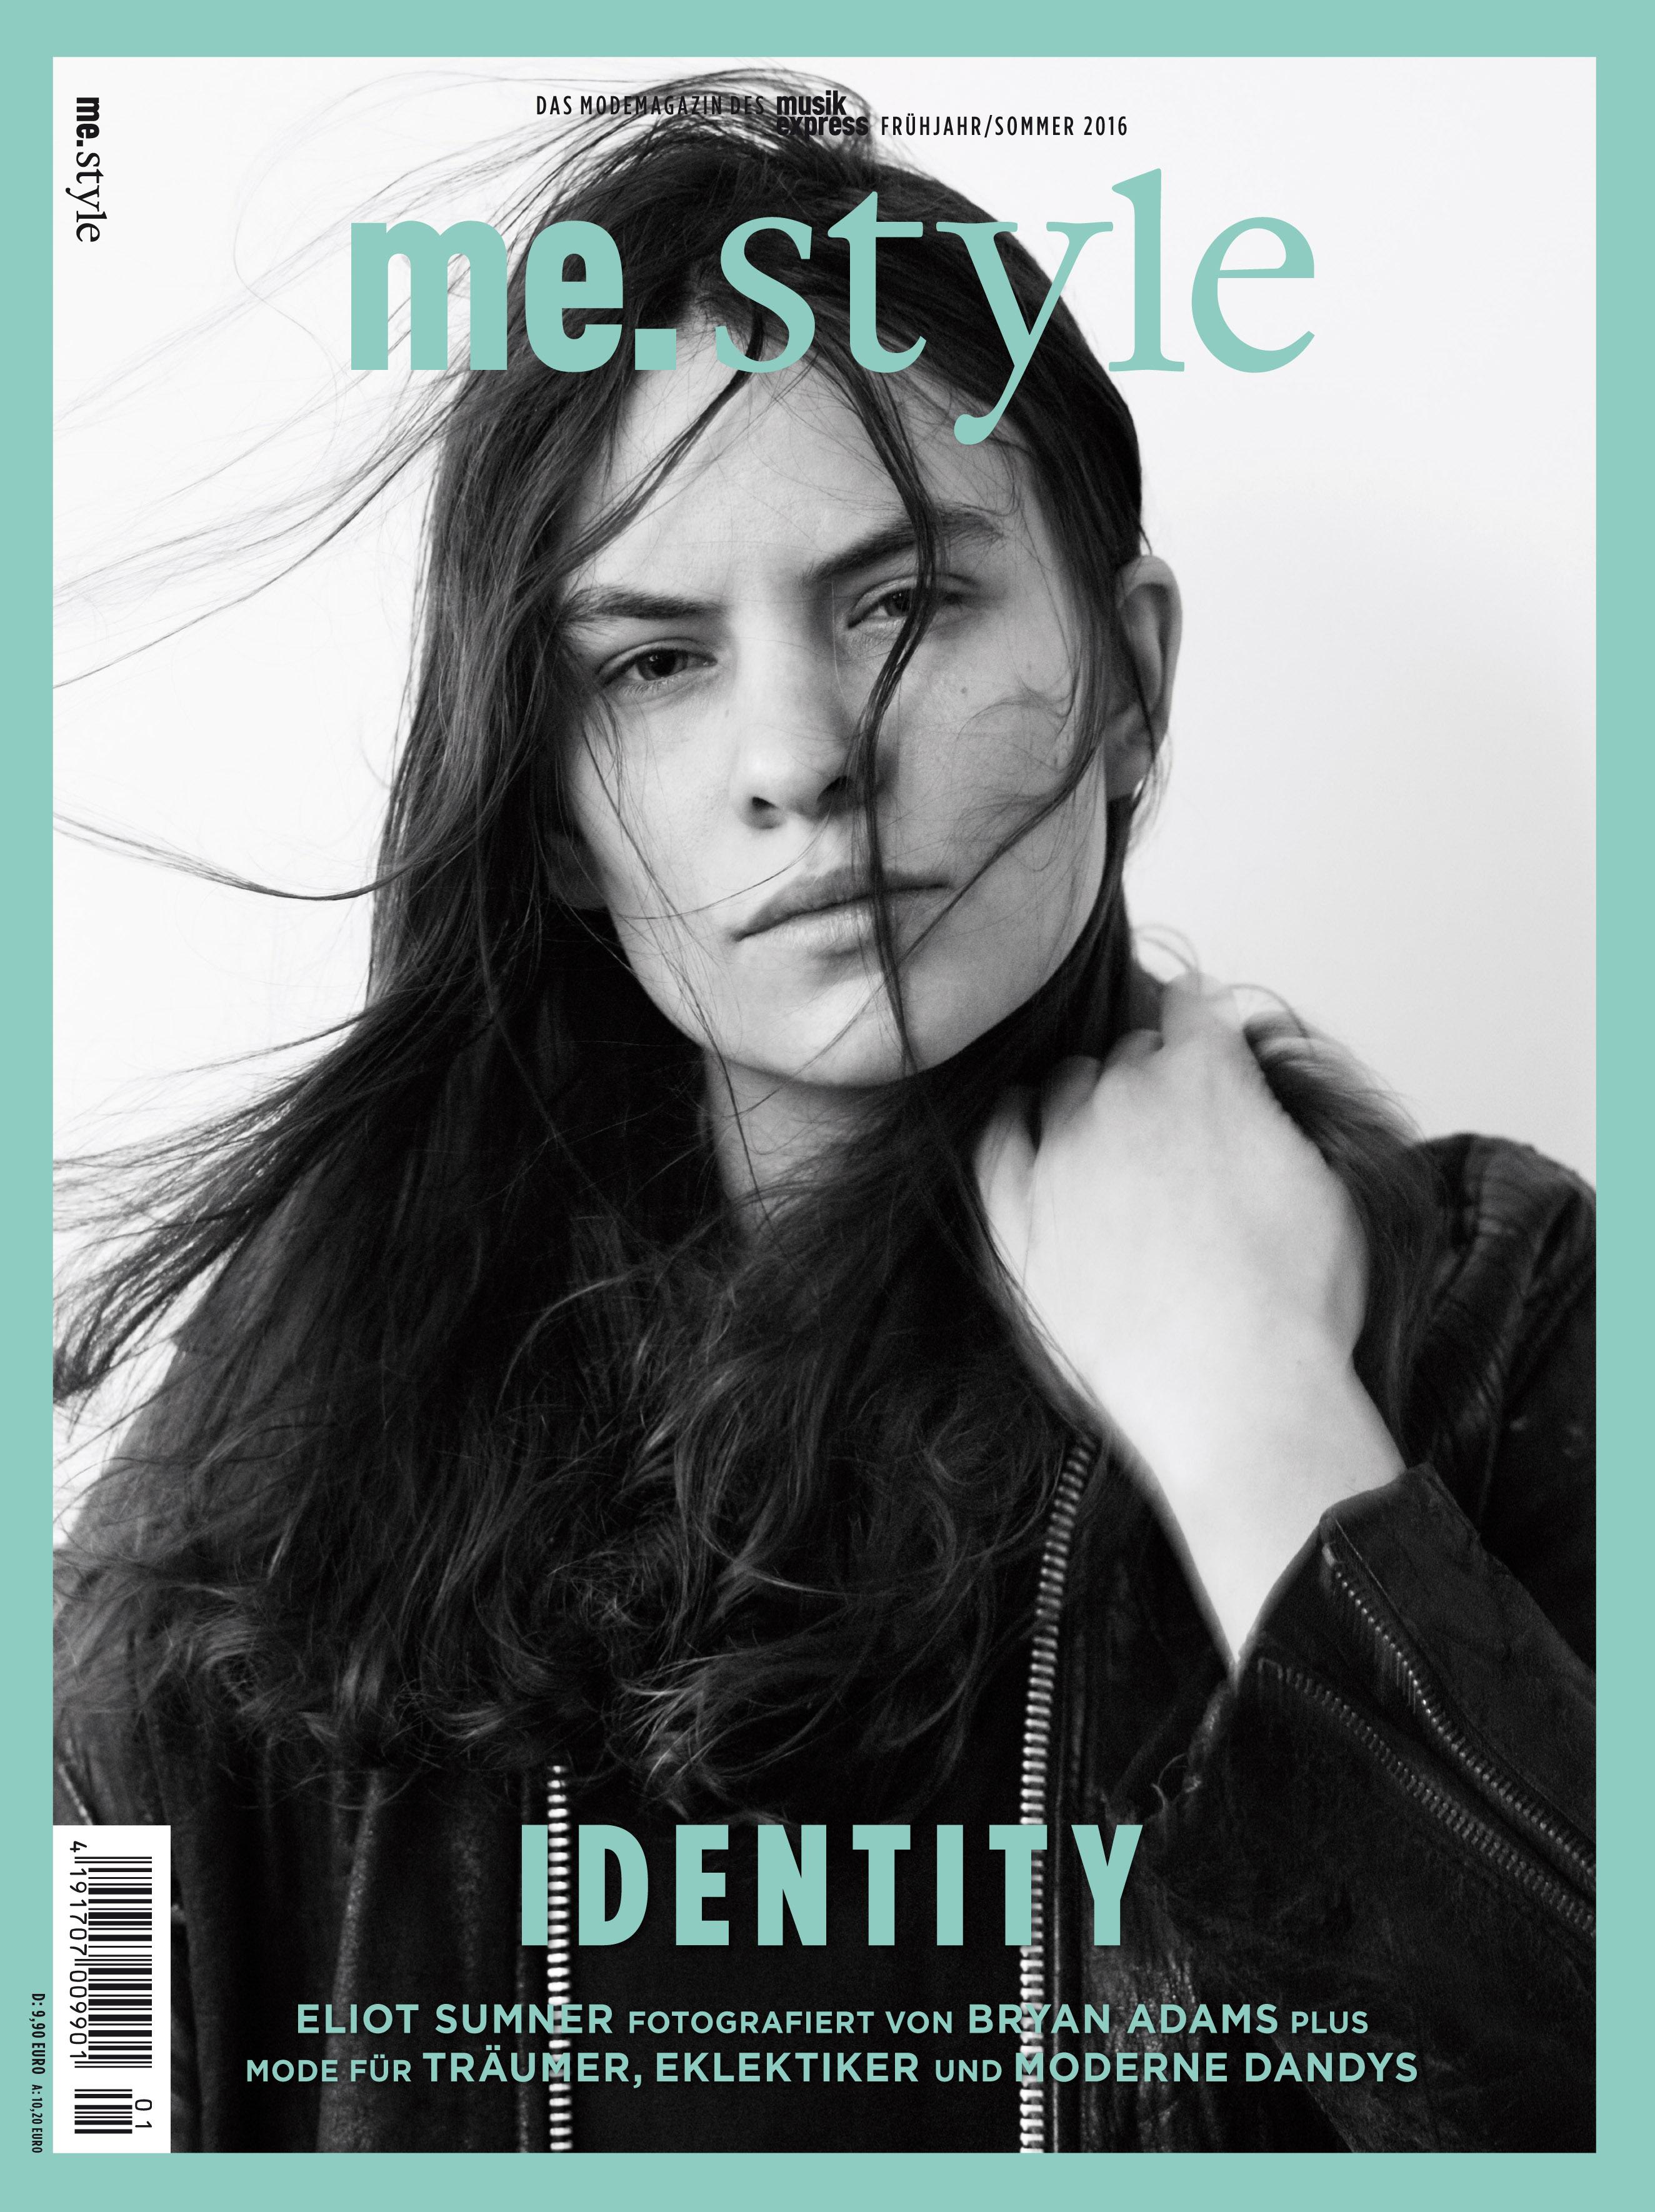 """Die Frühjahr/Sommer-Ausgabe des Modemagazins ME.STYLE beschäftigt sich dem Thema """"Identity"""". Unser Cover-Model Eliot Su"""